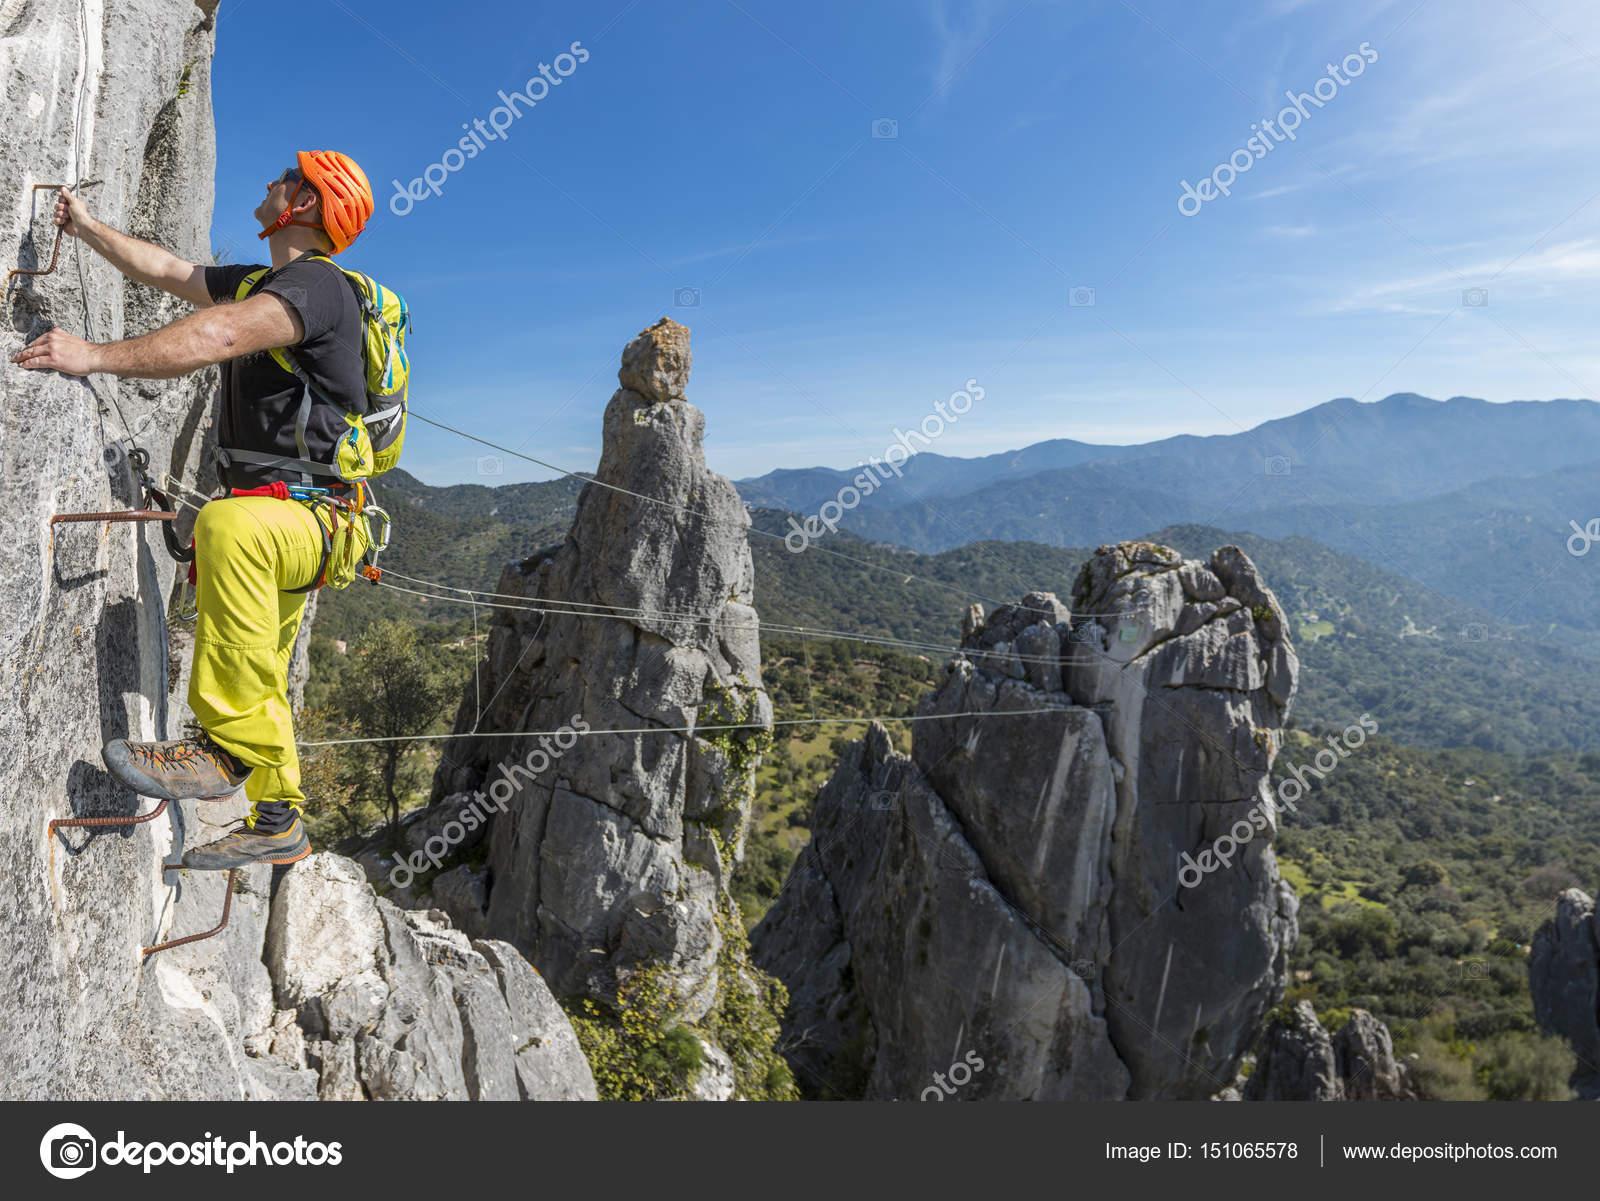 Klettersteig Outfit : Mann klettern ein klettersteig u stockfoto aitormmfoto